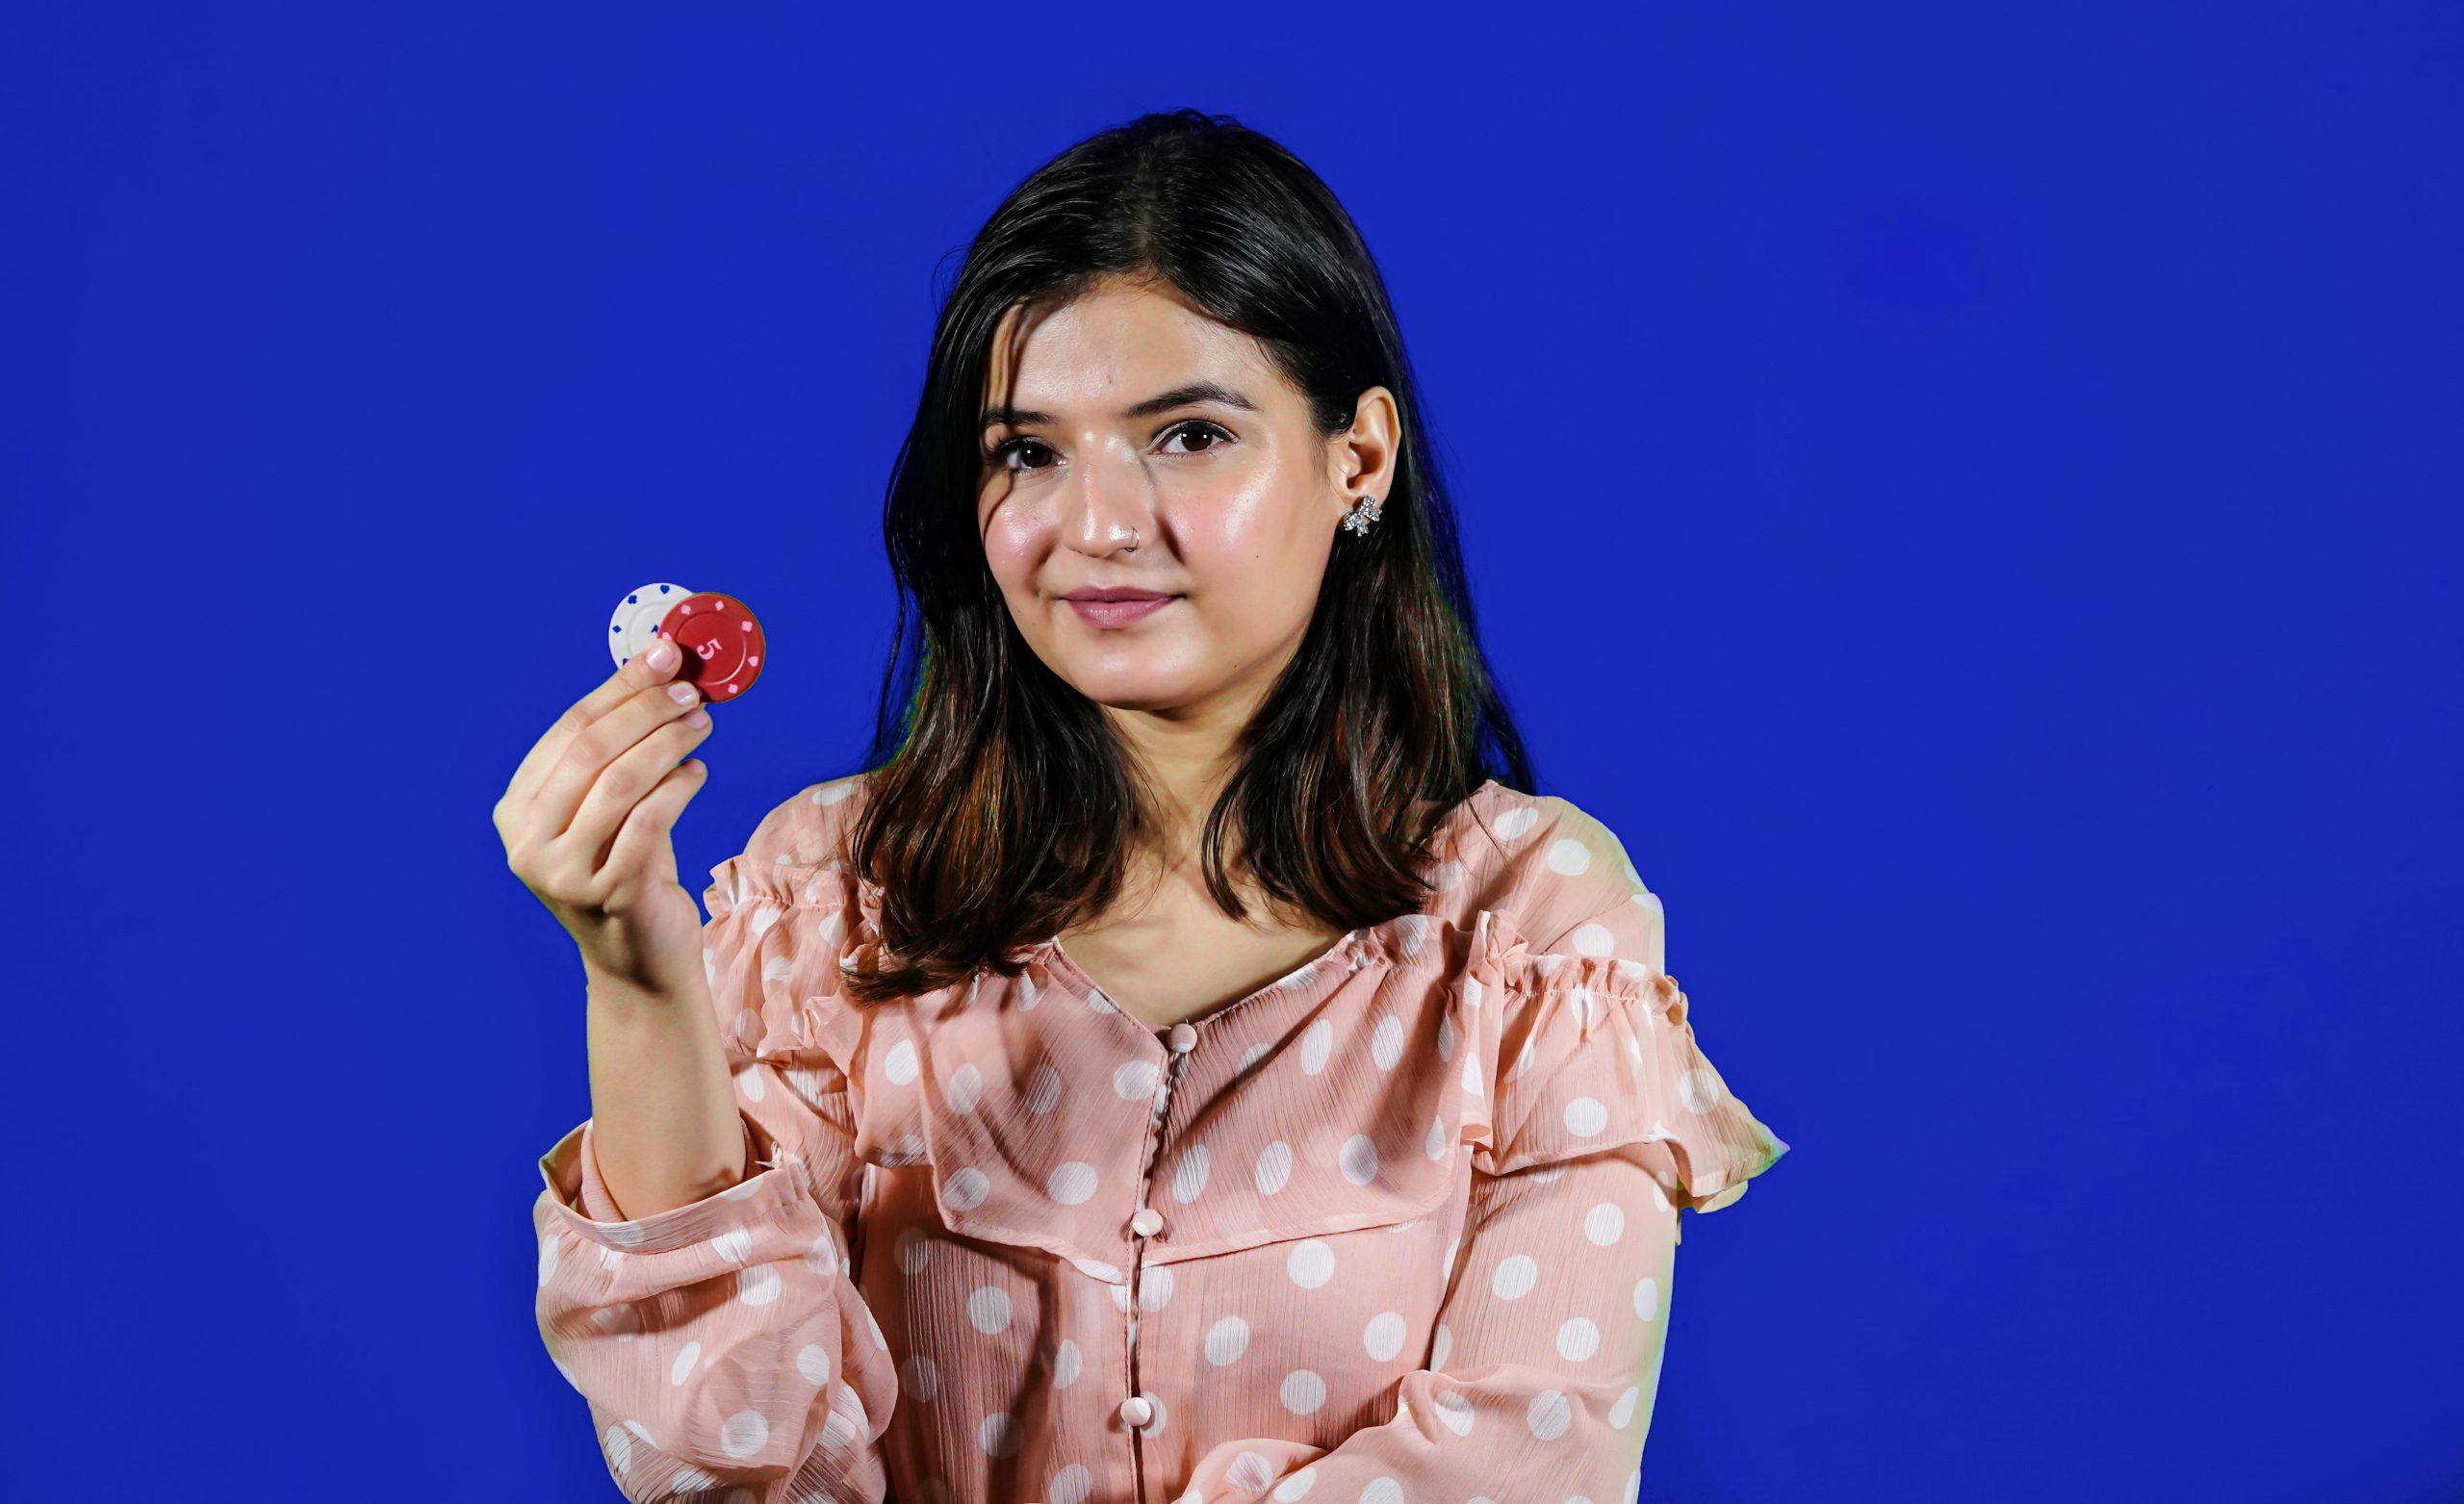 girl holding poker chips